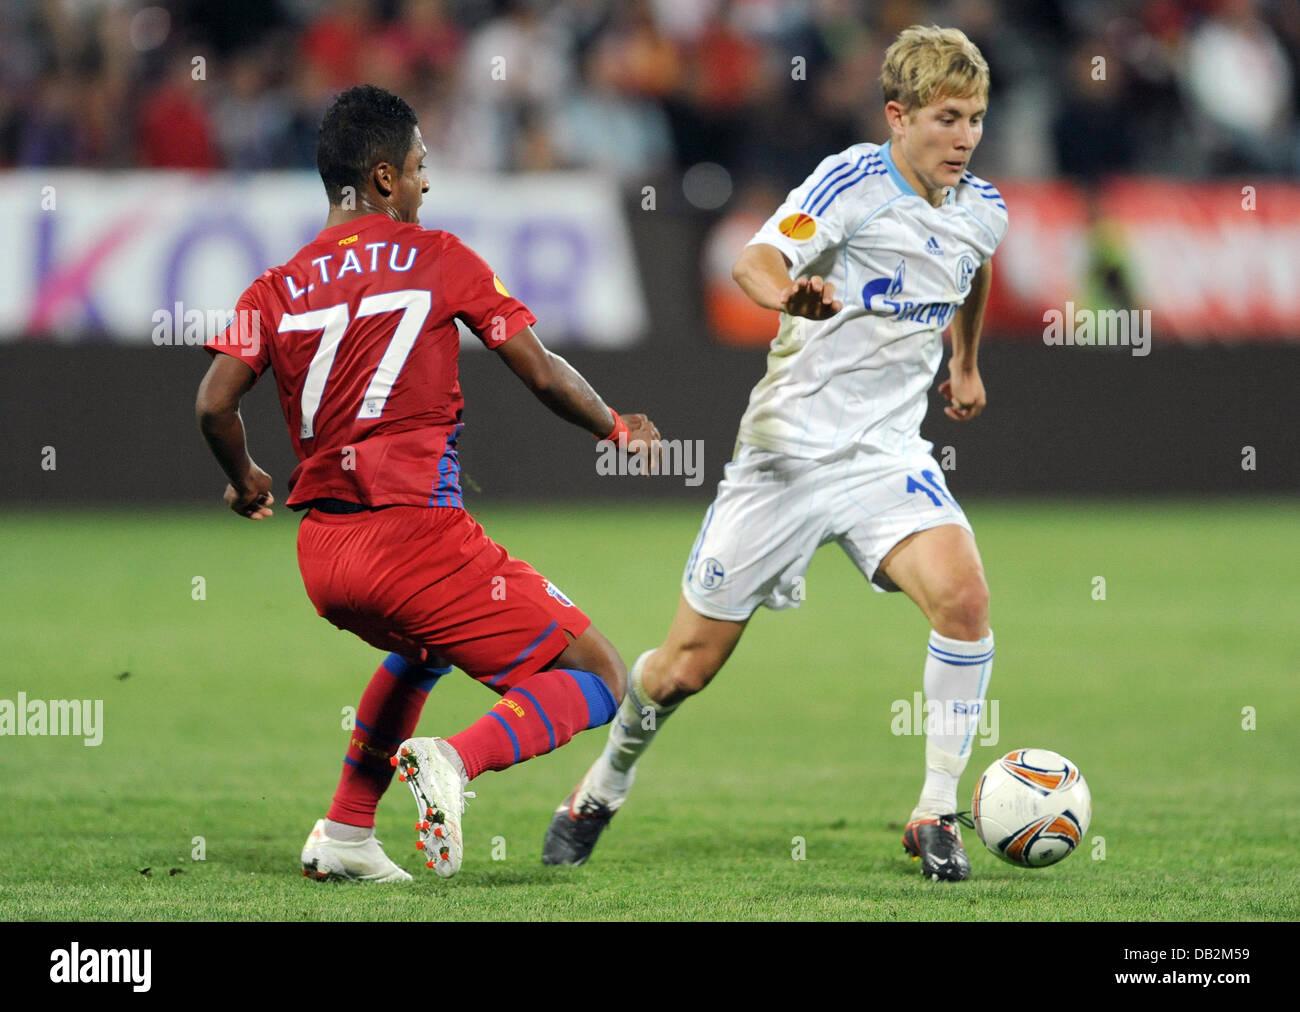 Steaua de Leandro Tatu y del Schalke Lewis Holtby lucha por la posesión del balón durante la Europa League Imagen De Stock